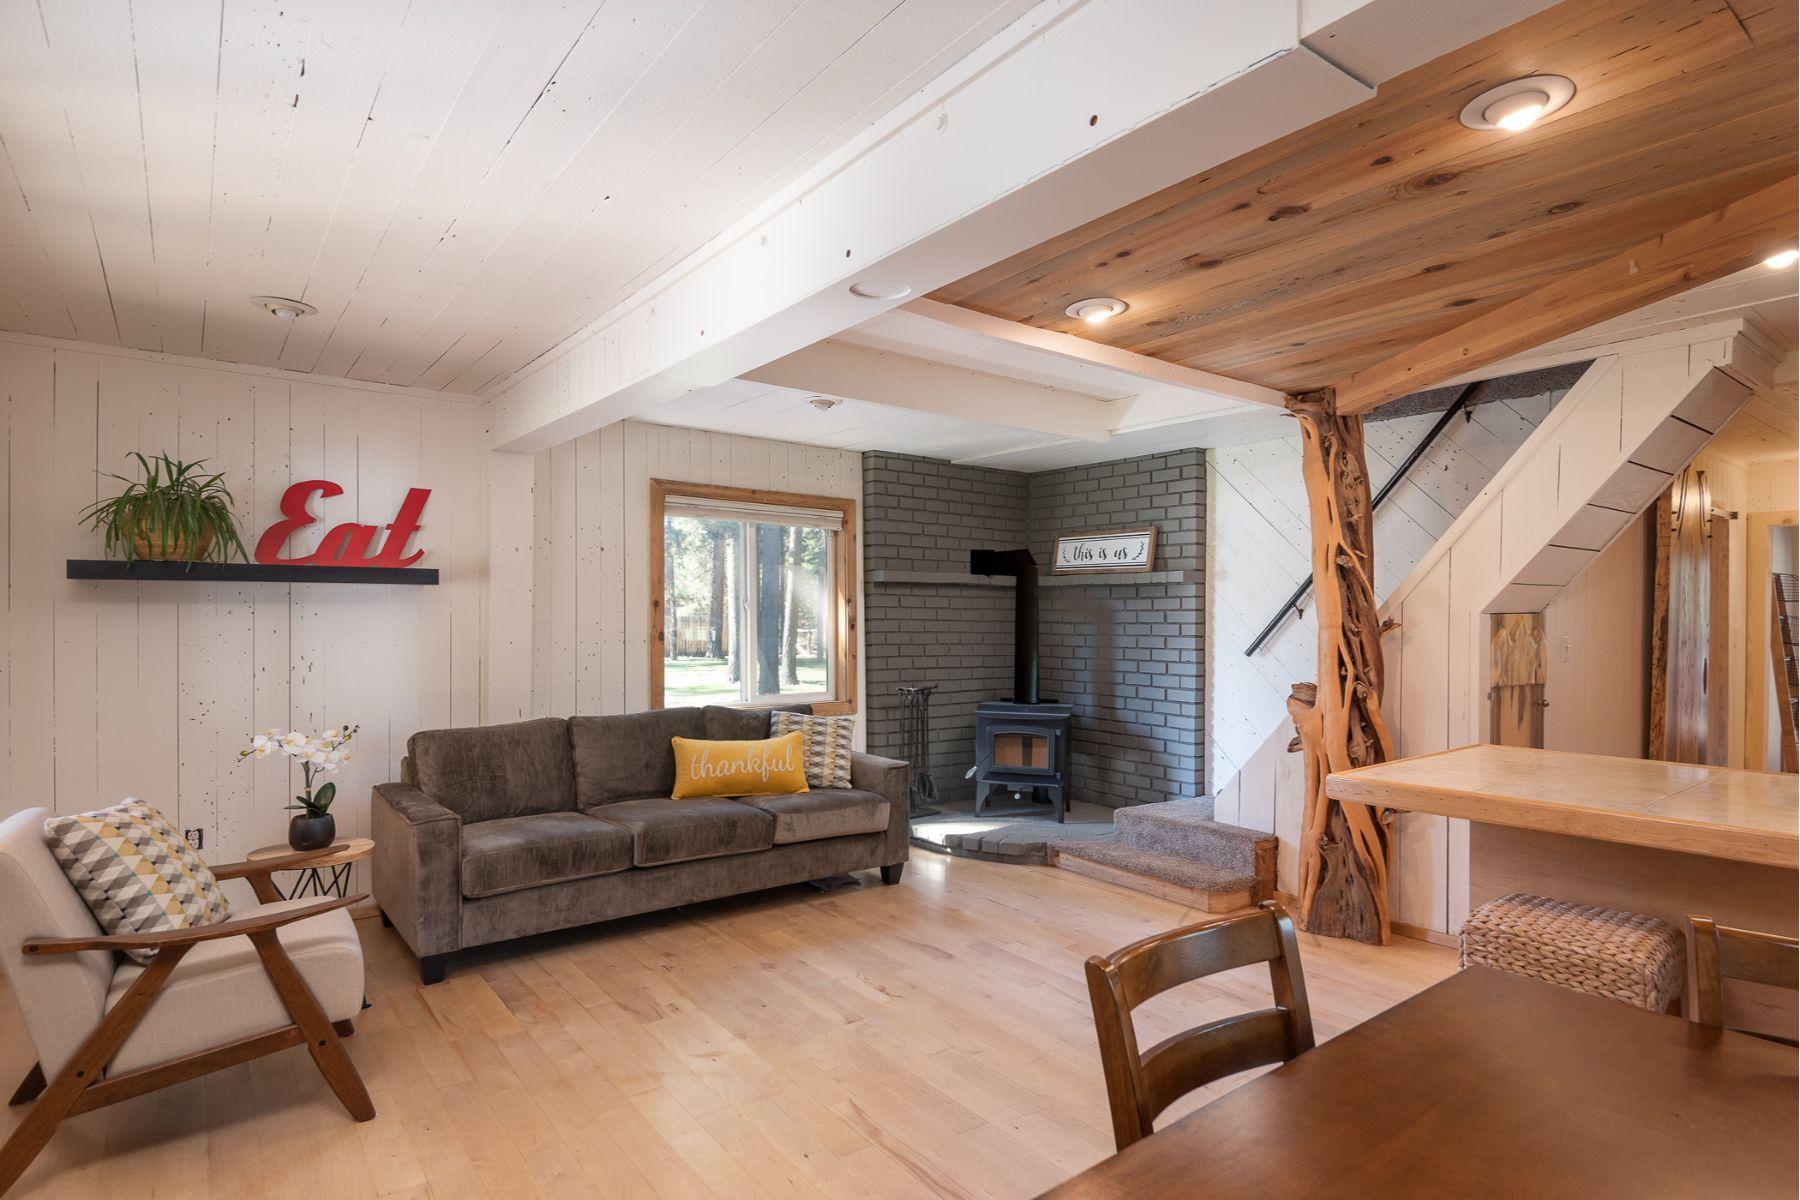 Single Family Homes pour l Vente à La Pine, Oregon 97739 États-Unis